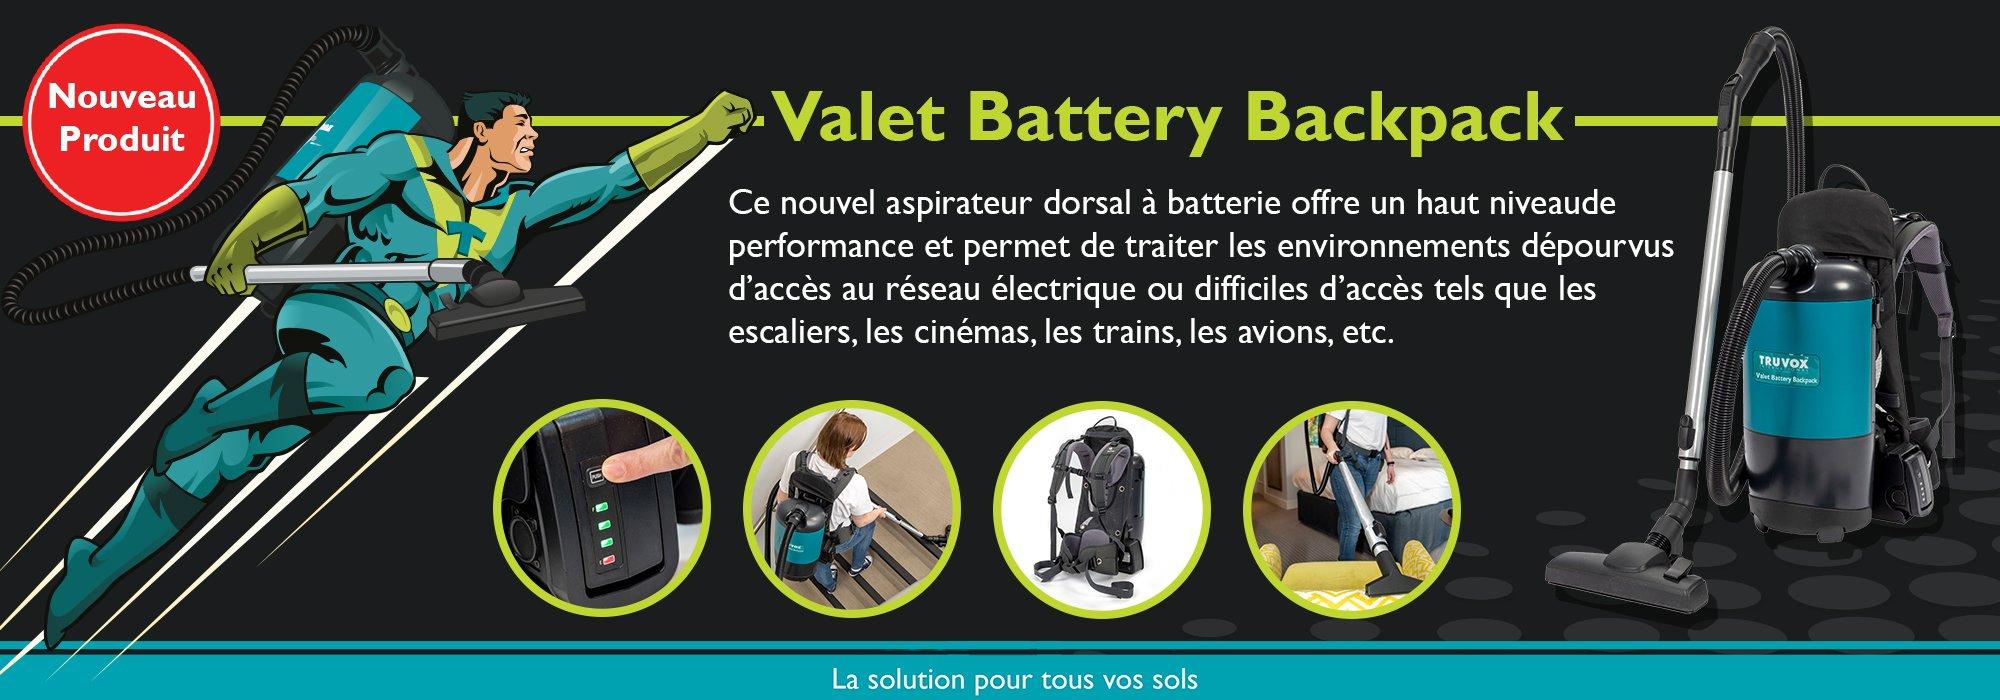 Valet Battery Backpack Hero